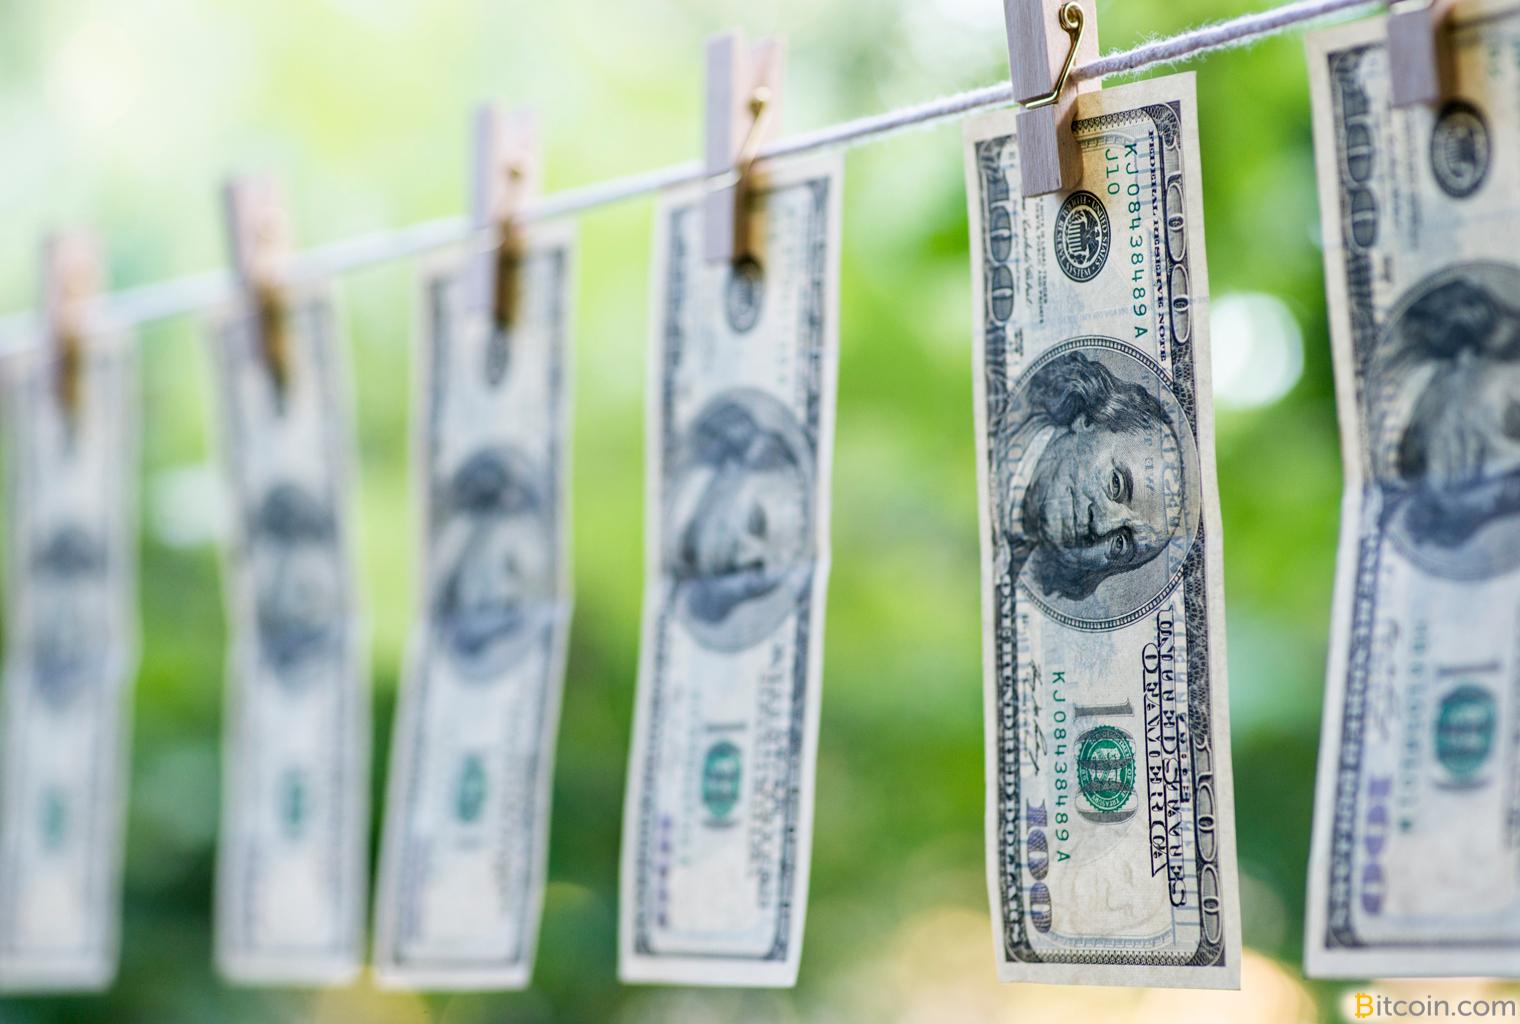 طريقة جديدة لغسل الأموال باستخدام عملية تعدين البيتكوين الحصري !